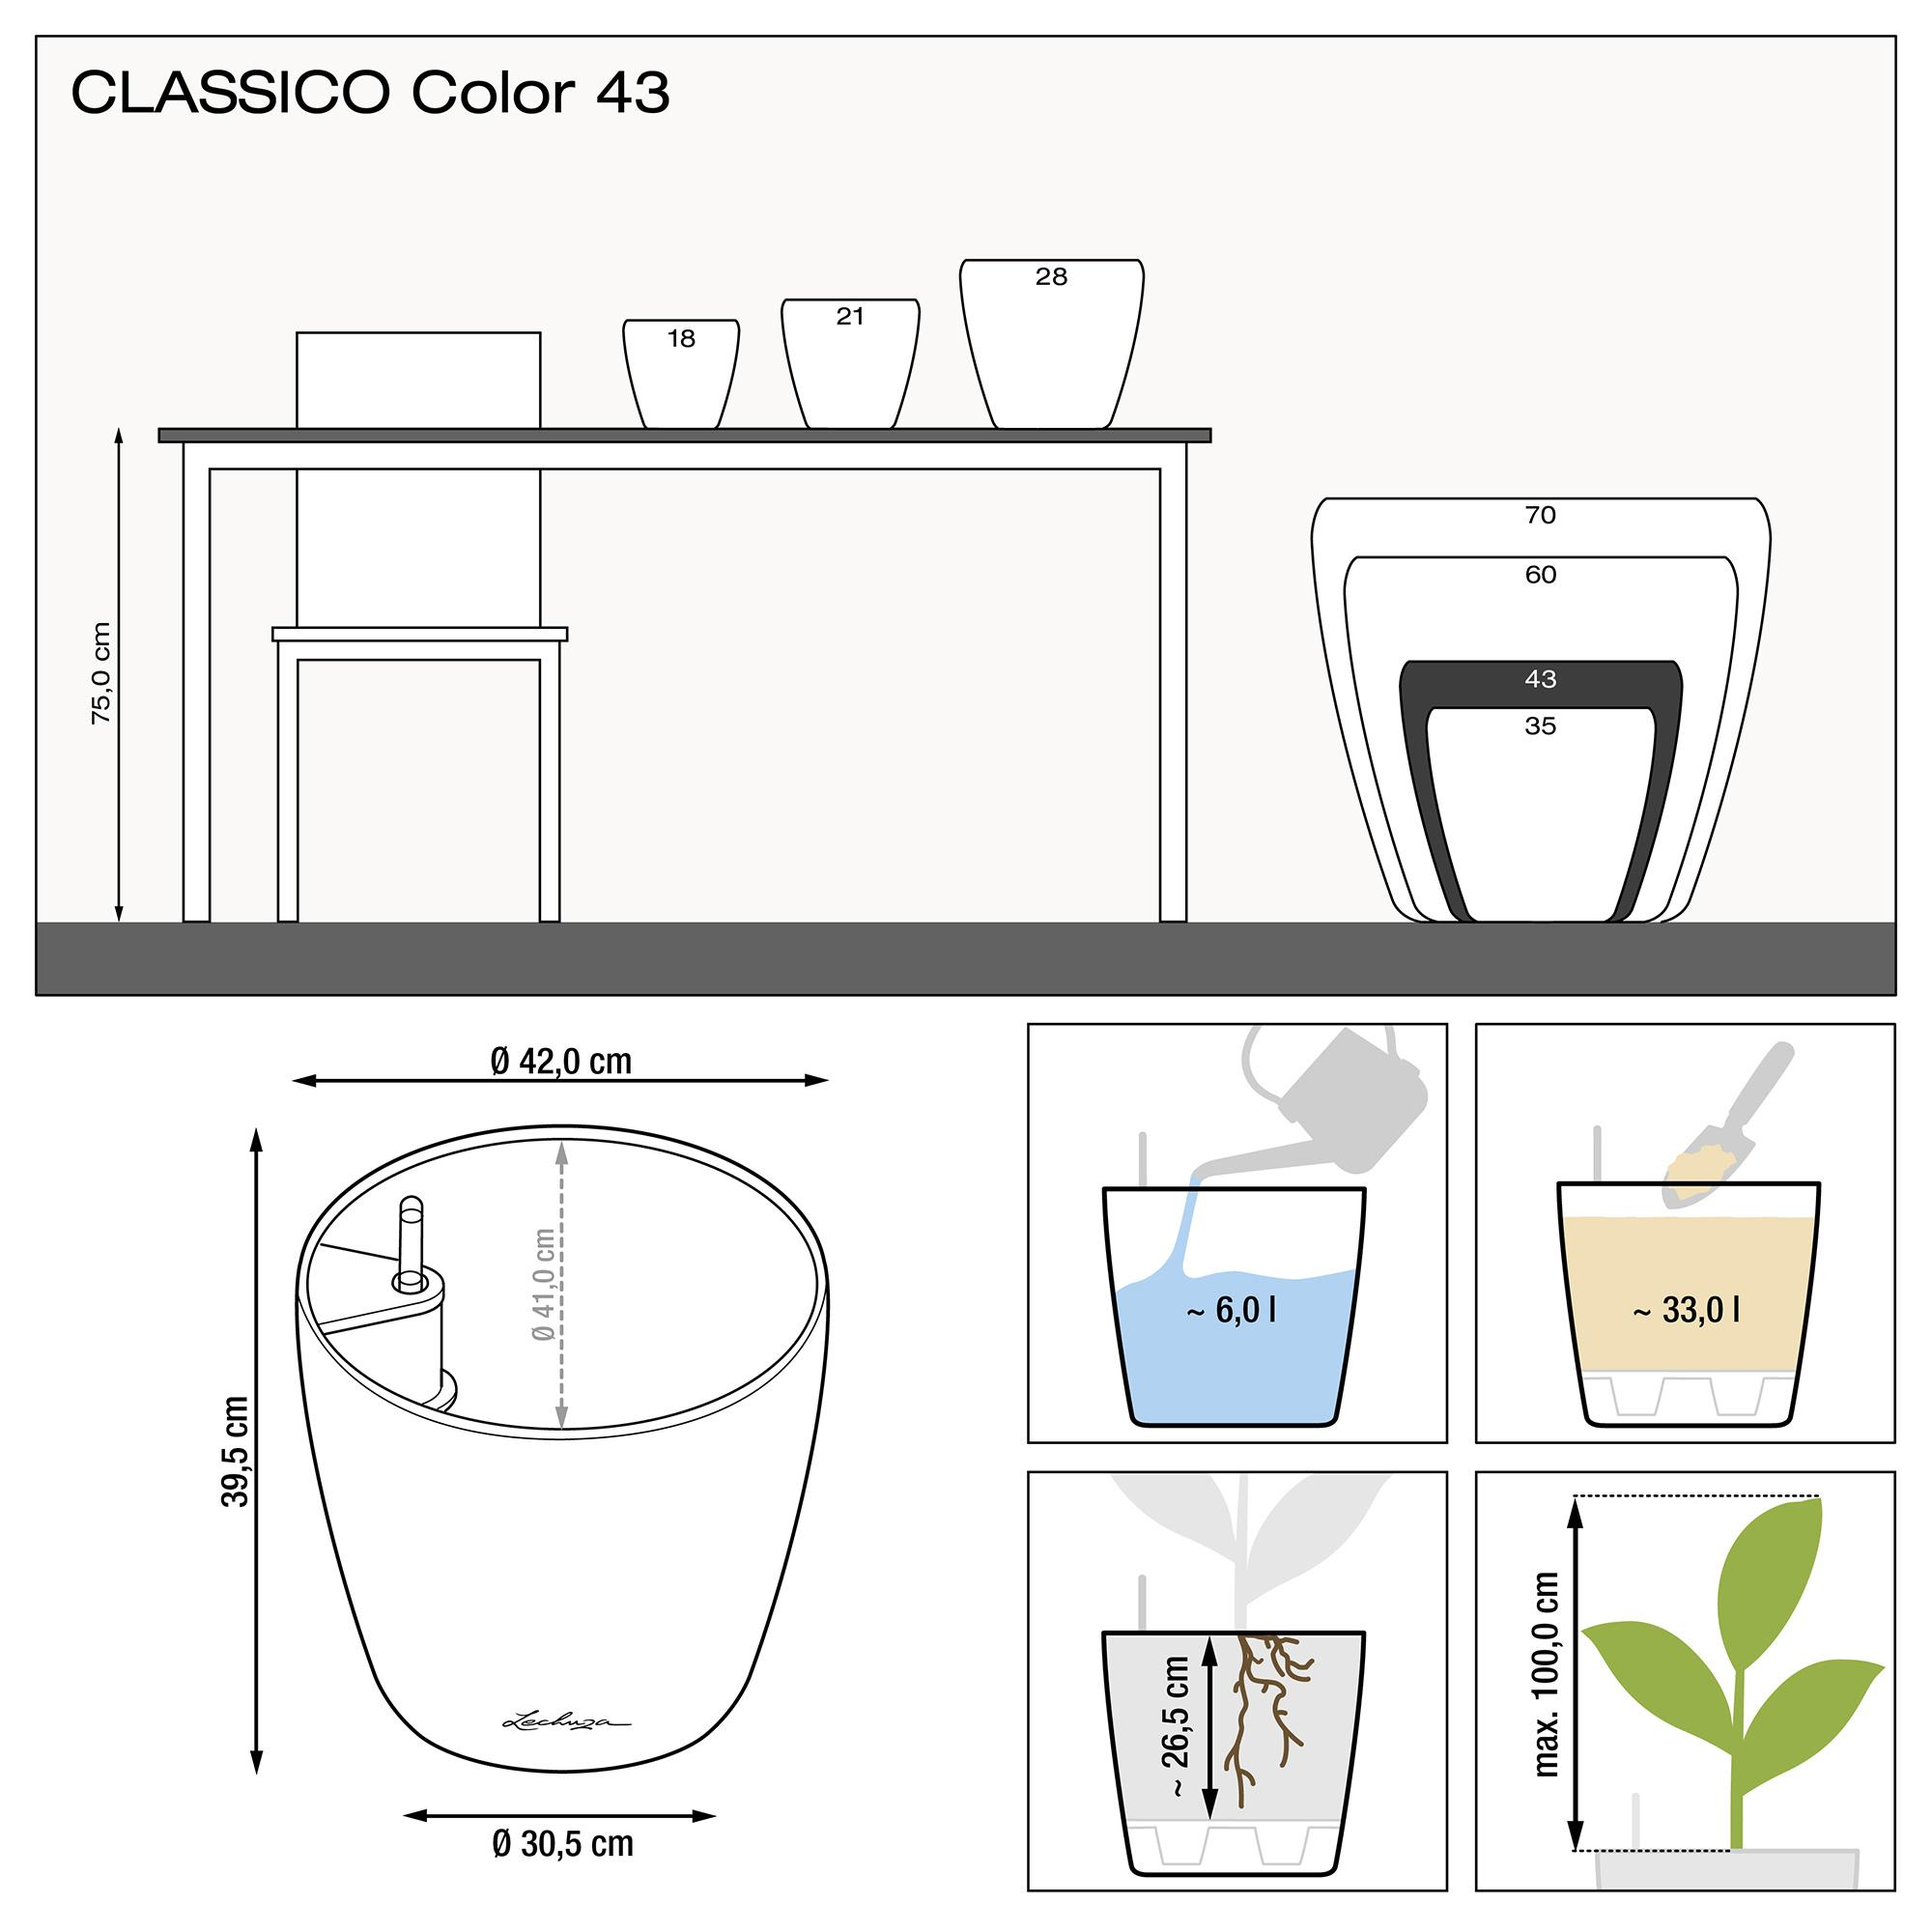 CLASSICO Color 43 white - Image 2